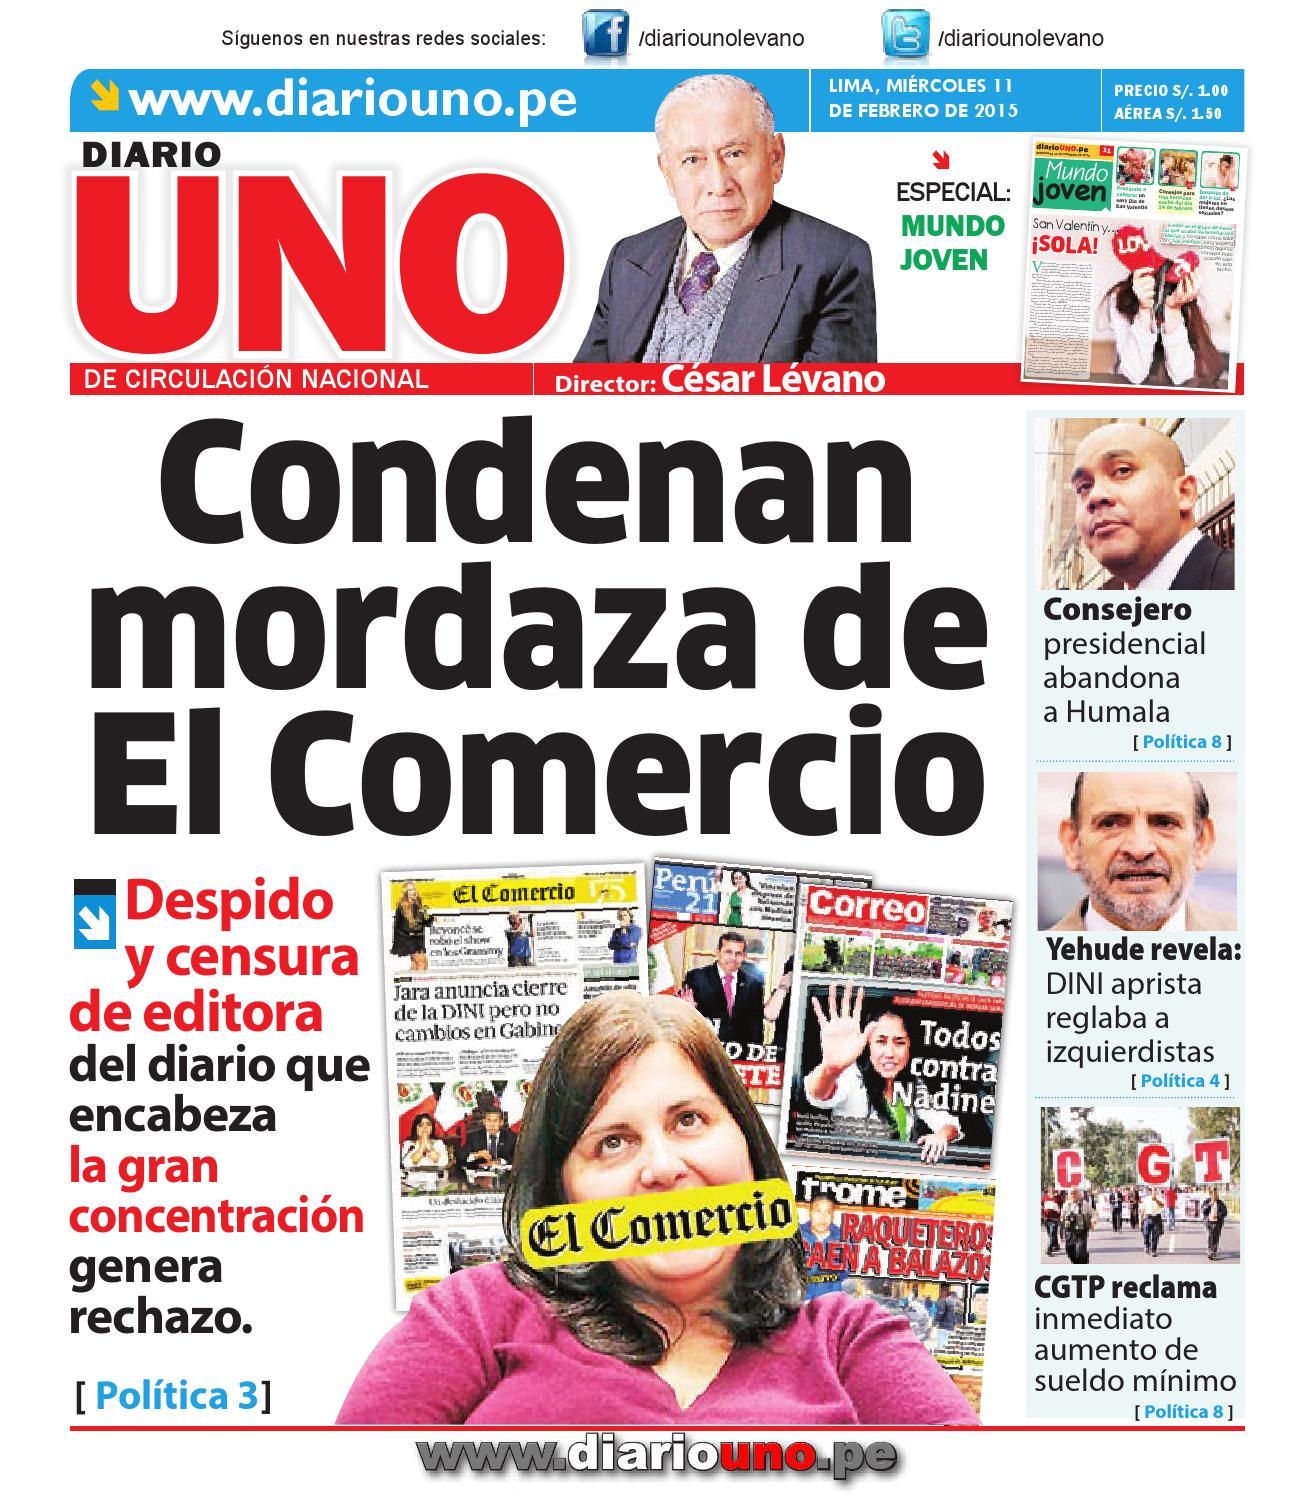 Diario UNO - 11 Febrero 2015 by Diario UNO - issuu